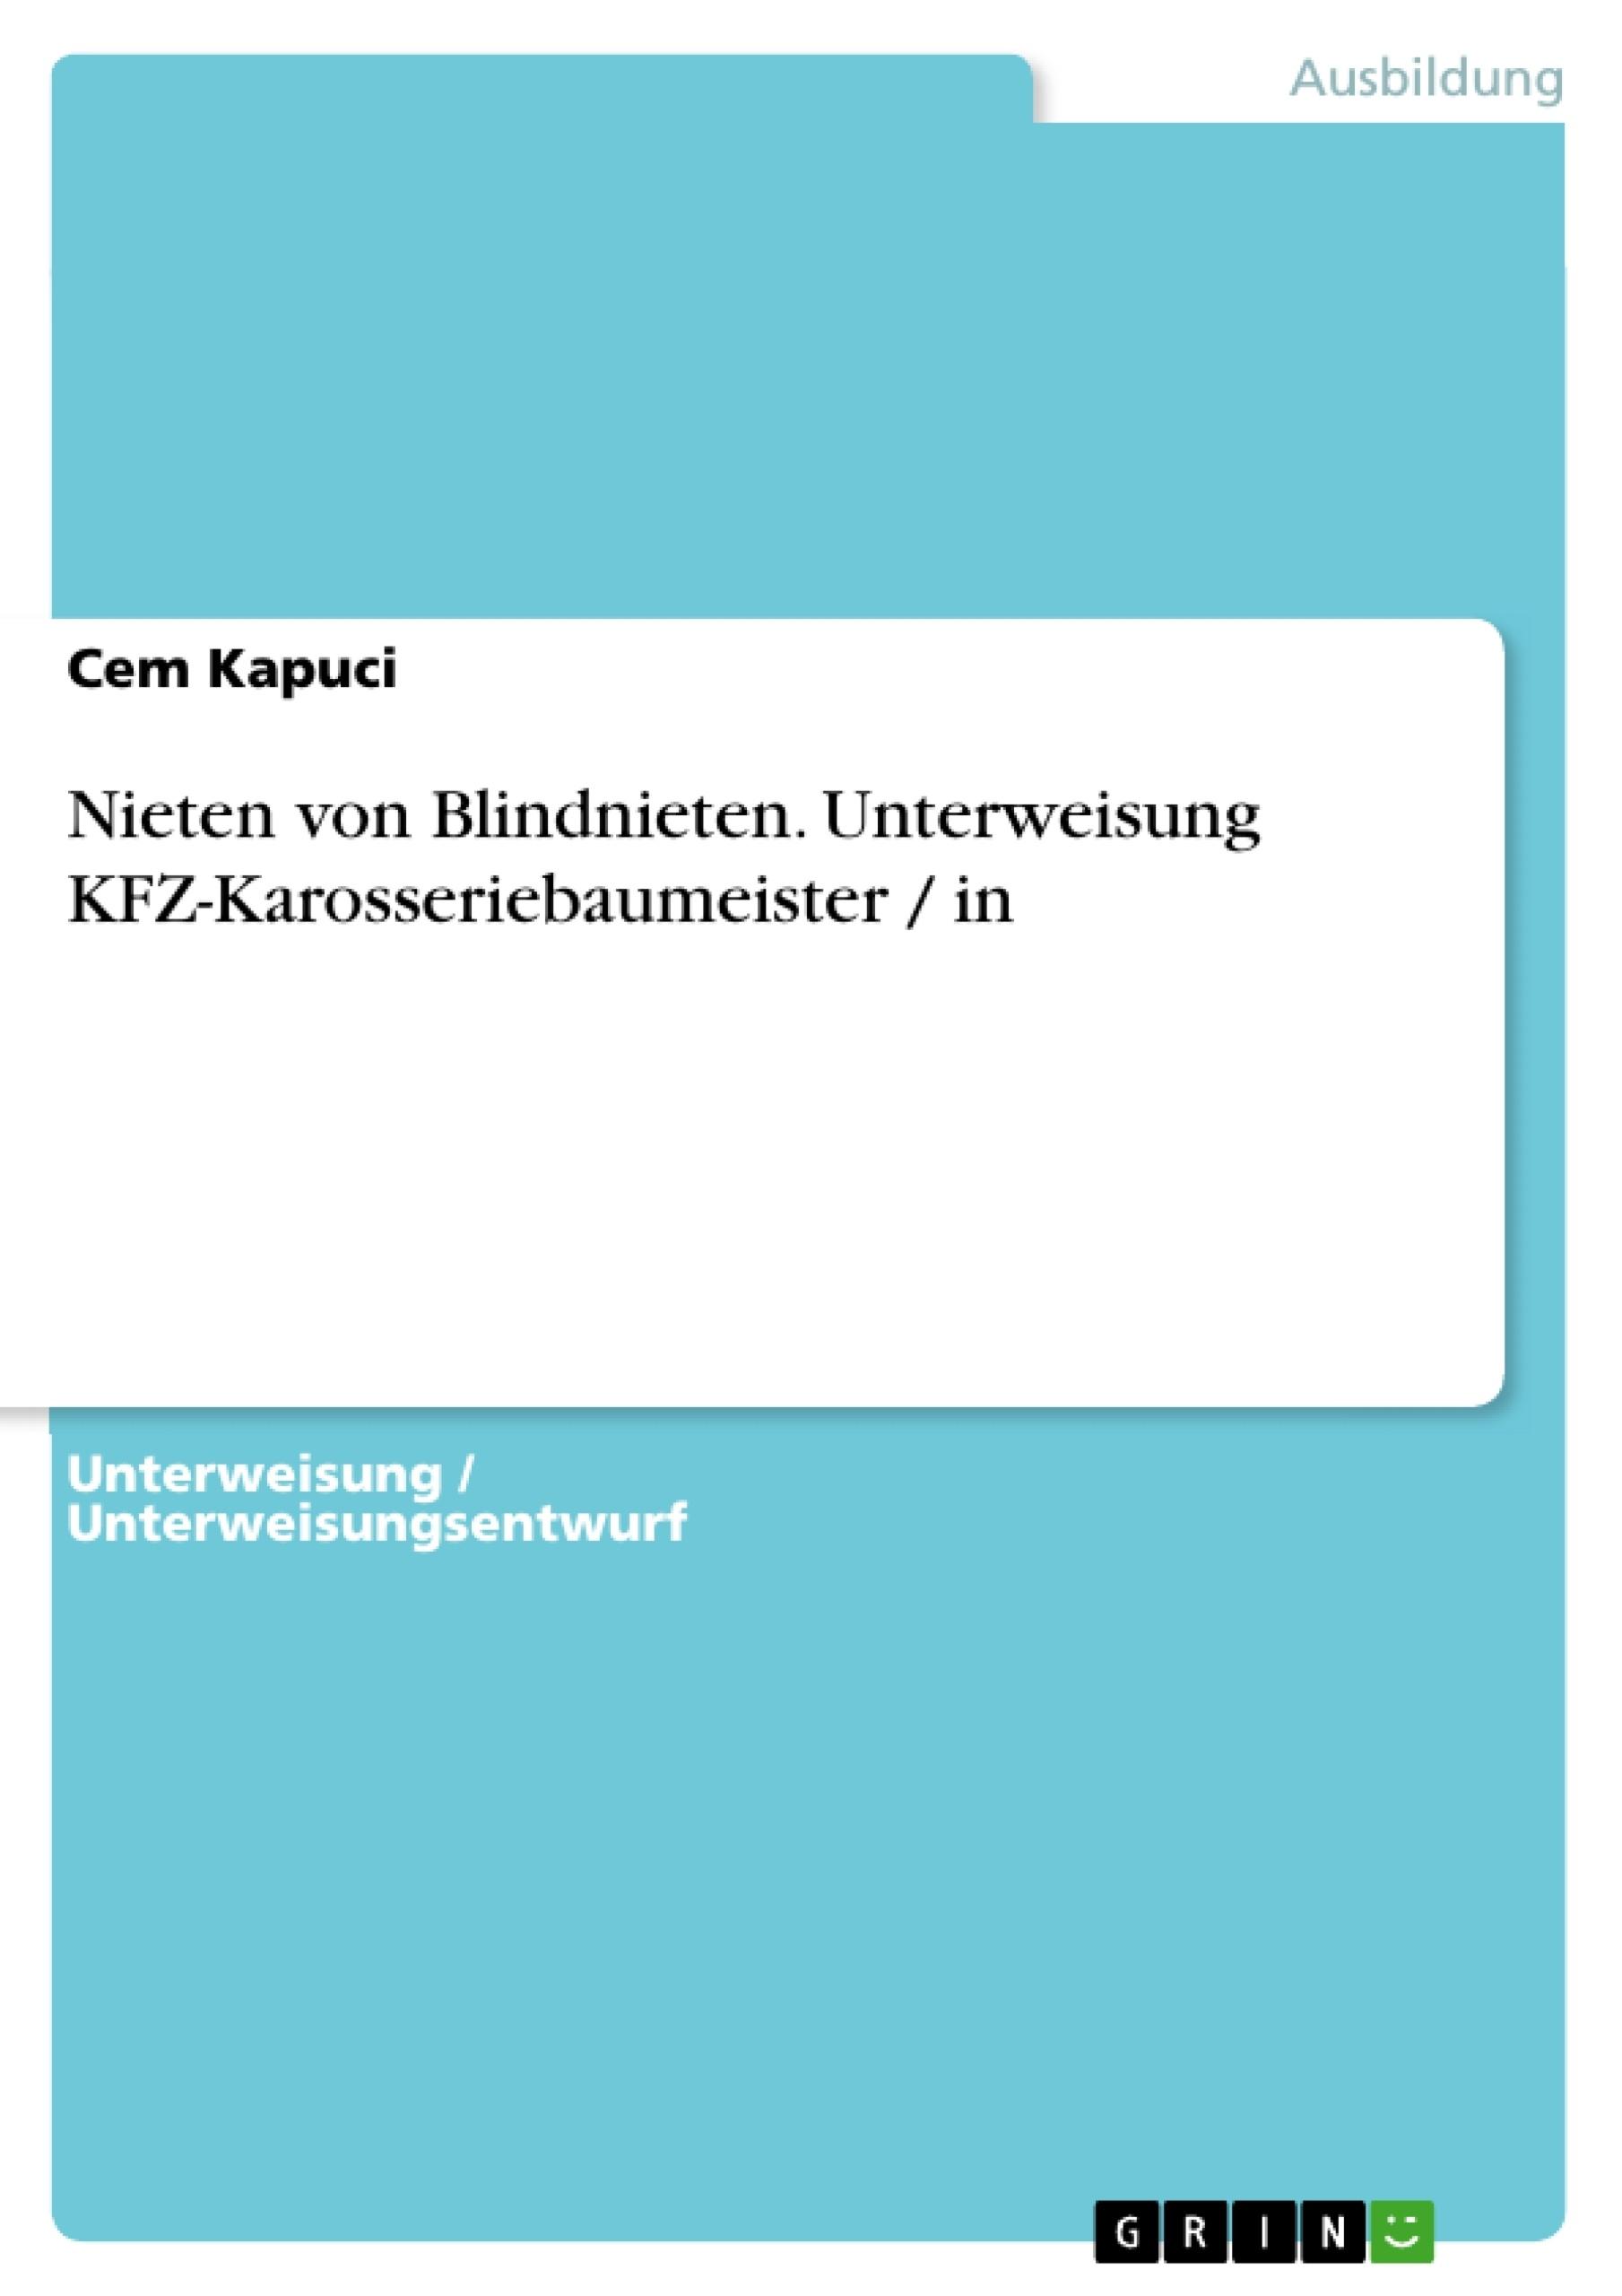 Titel: Nieten von Blindnieten. Unterweisung KFZ-Karosseriebaumeister / in